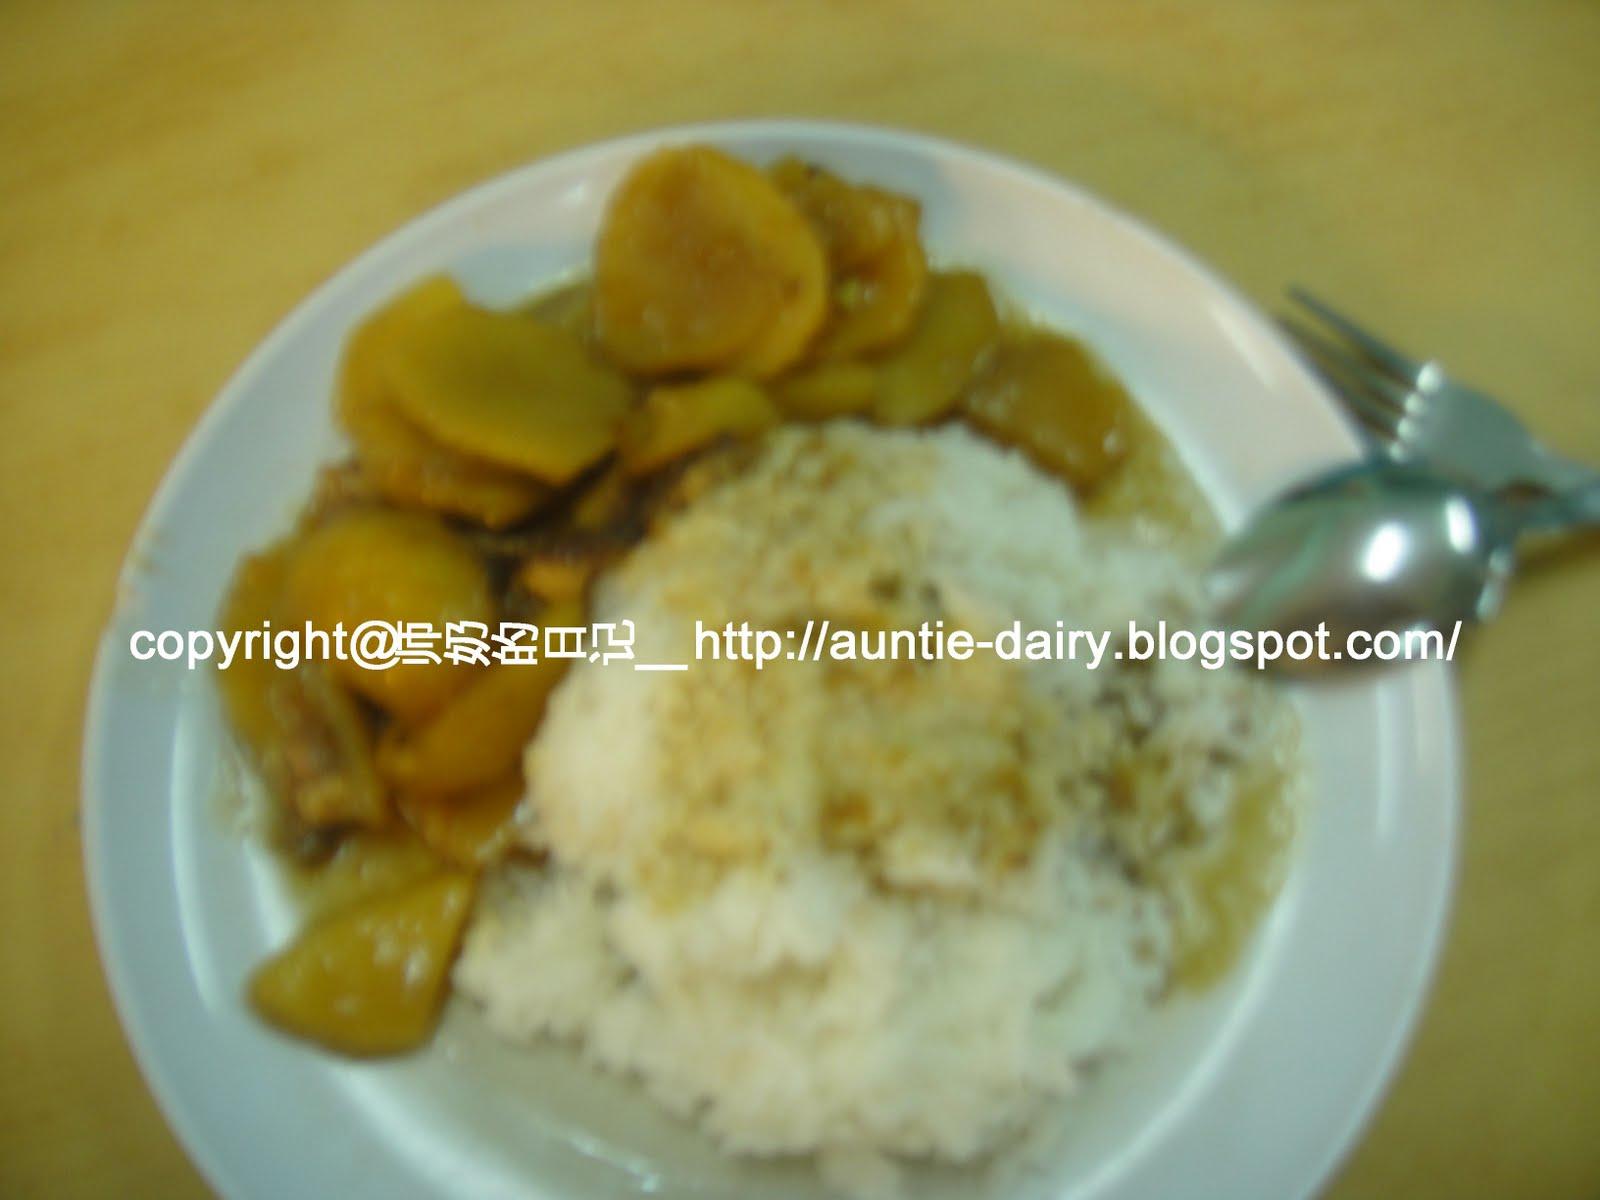 广州吃婴儿事件广州人吃婴儿